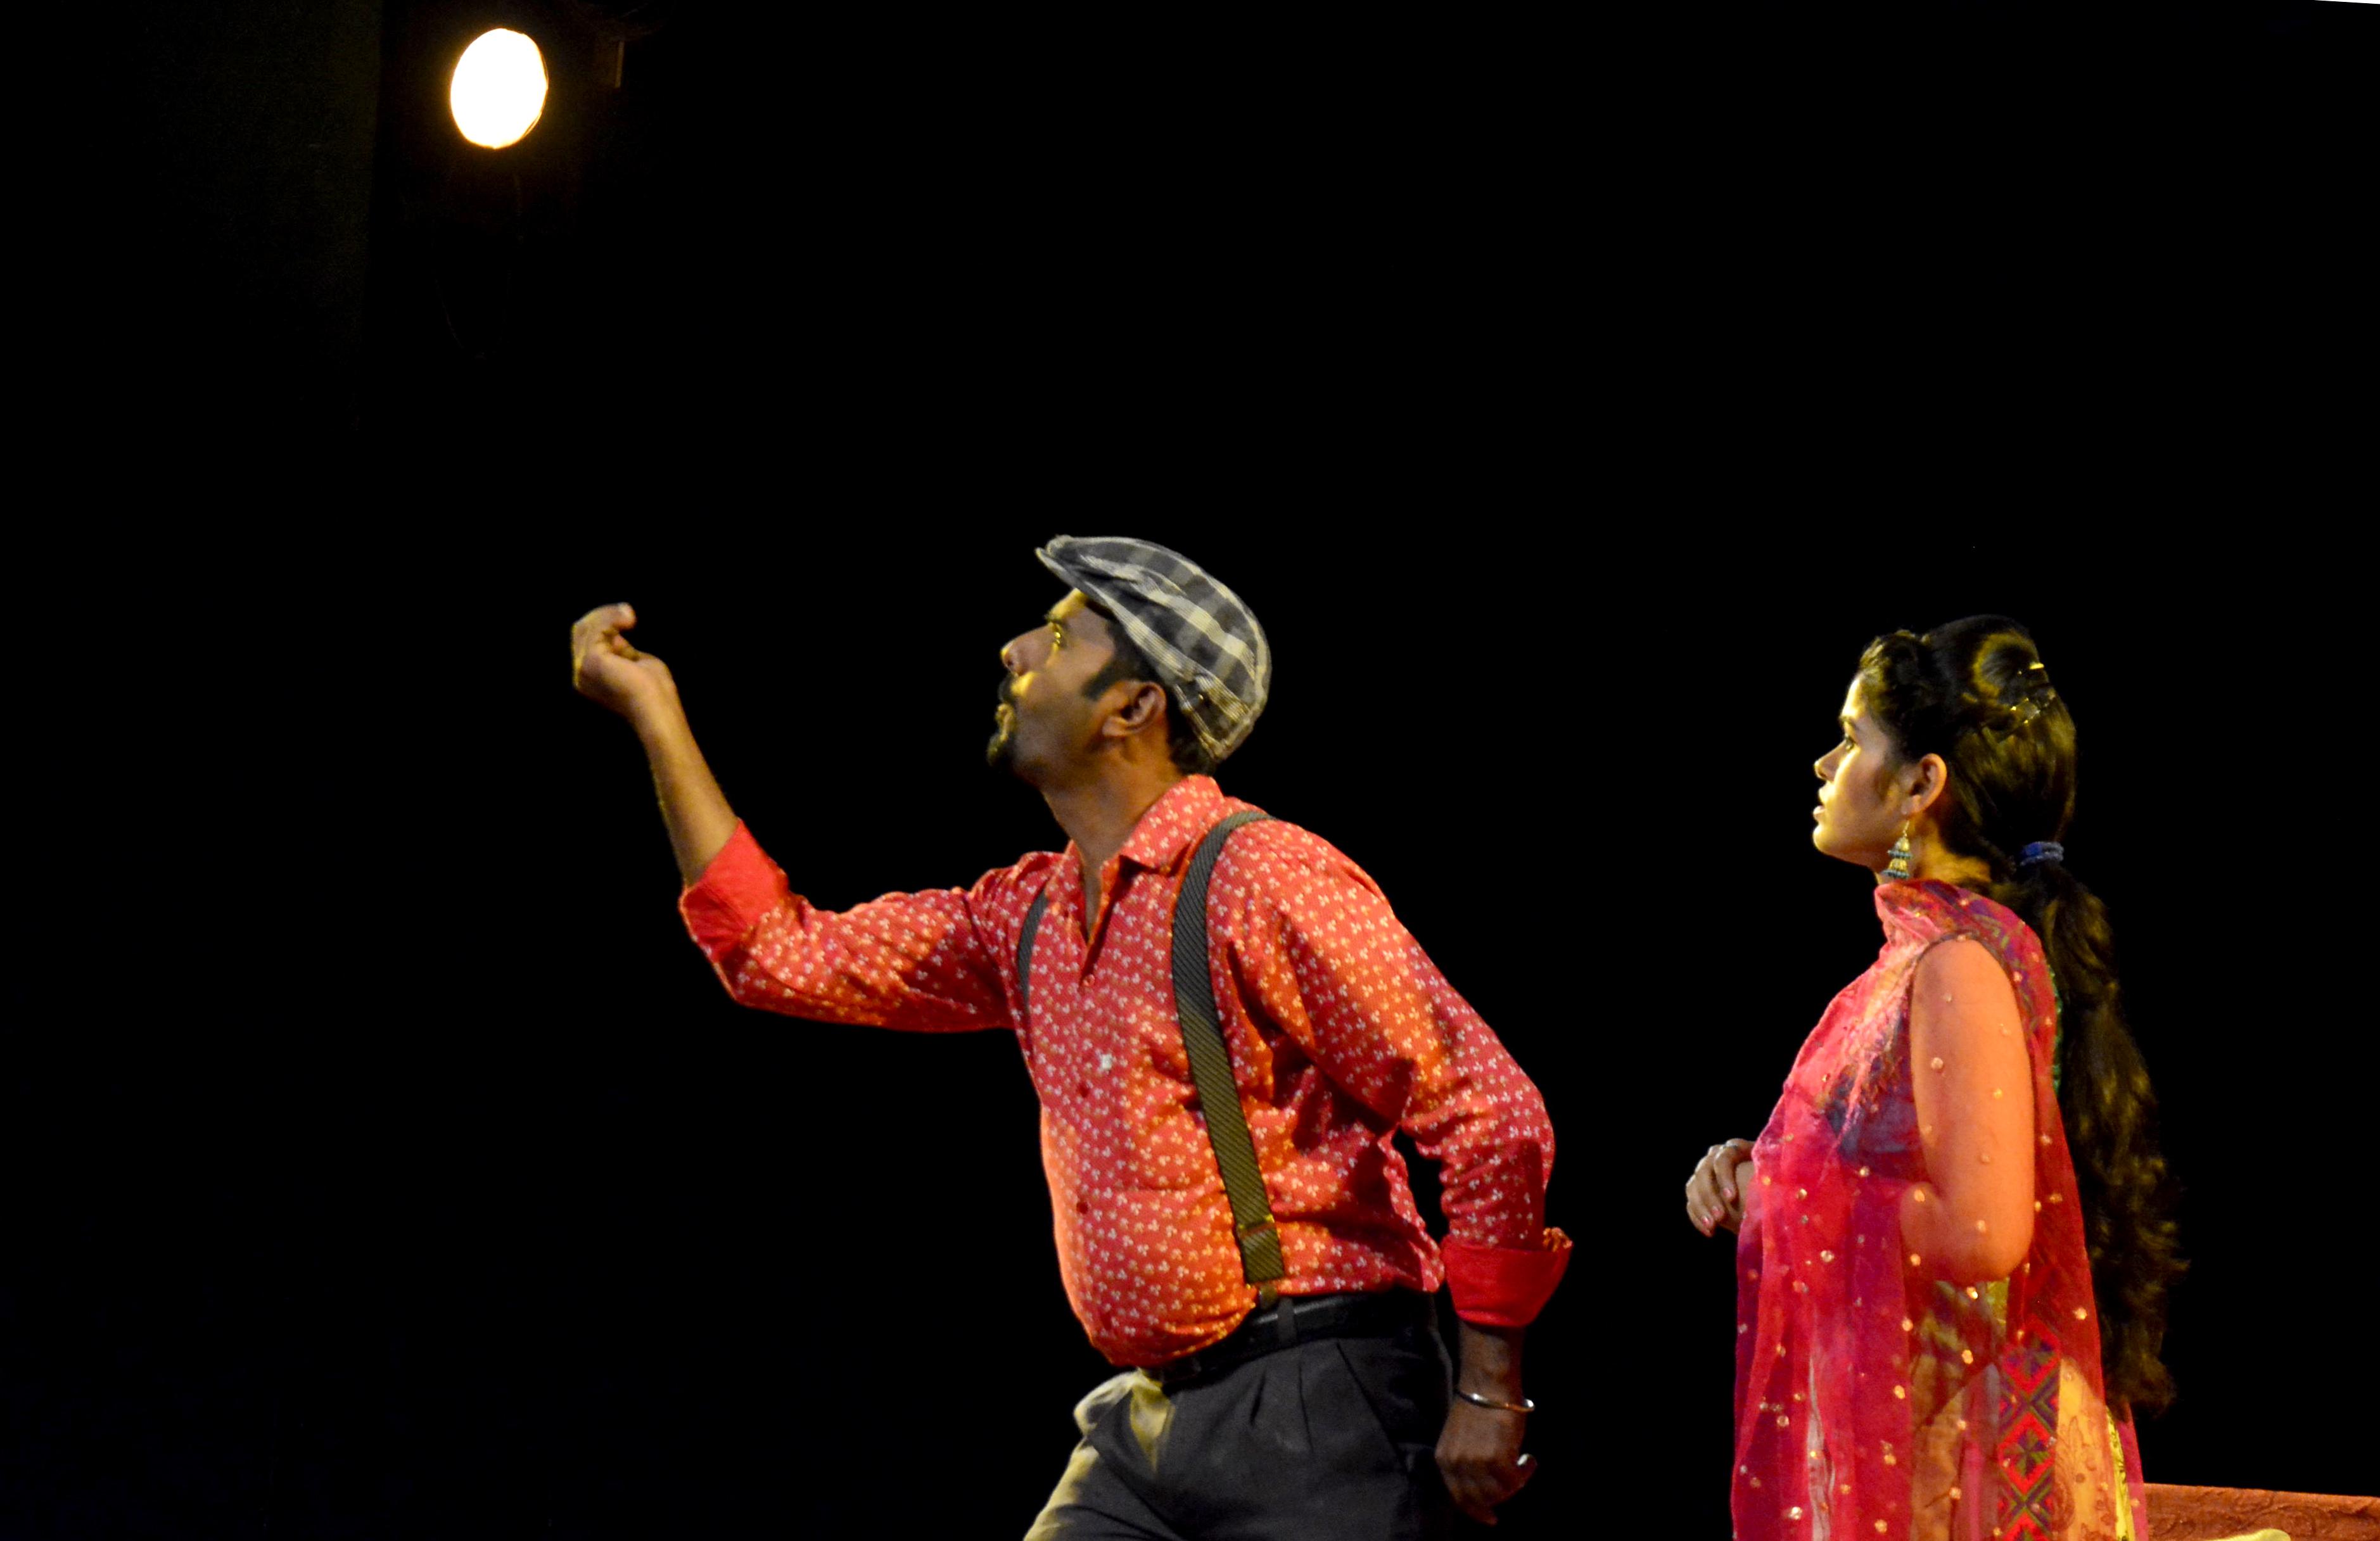 सच्चाई का आईना दिखाती पंजाबी नाटक 'हुमस' का मंचन, लोगों ने खूब सराहा